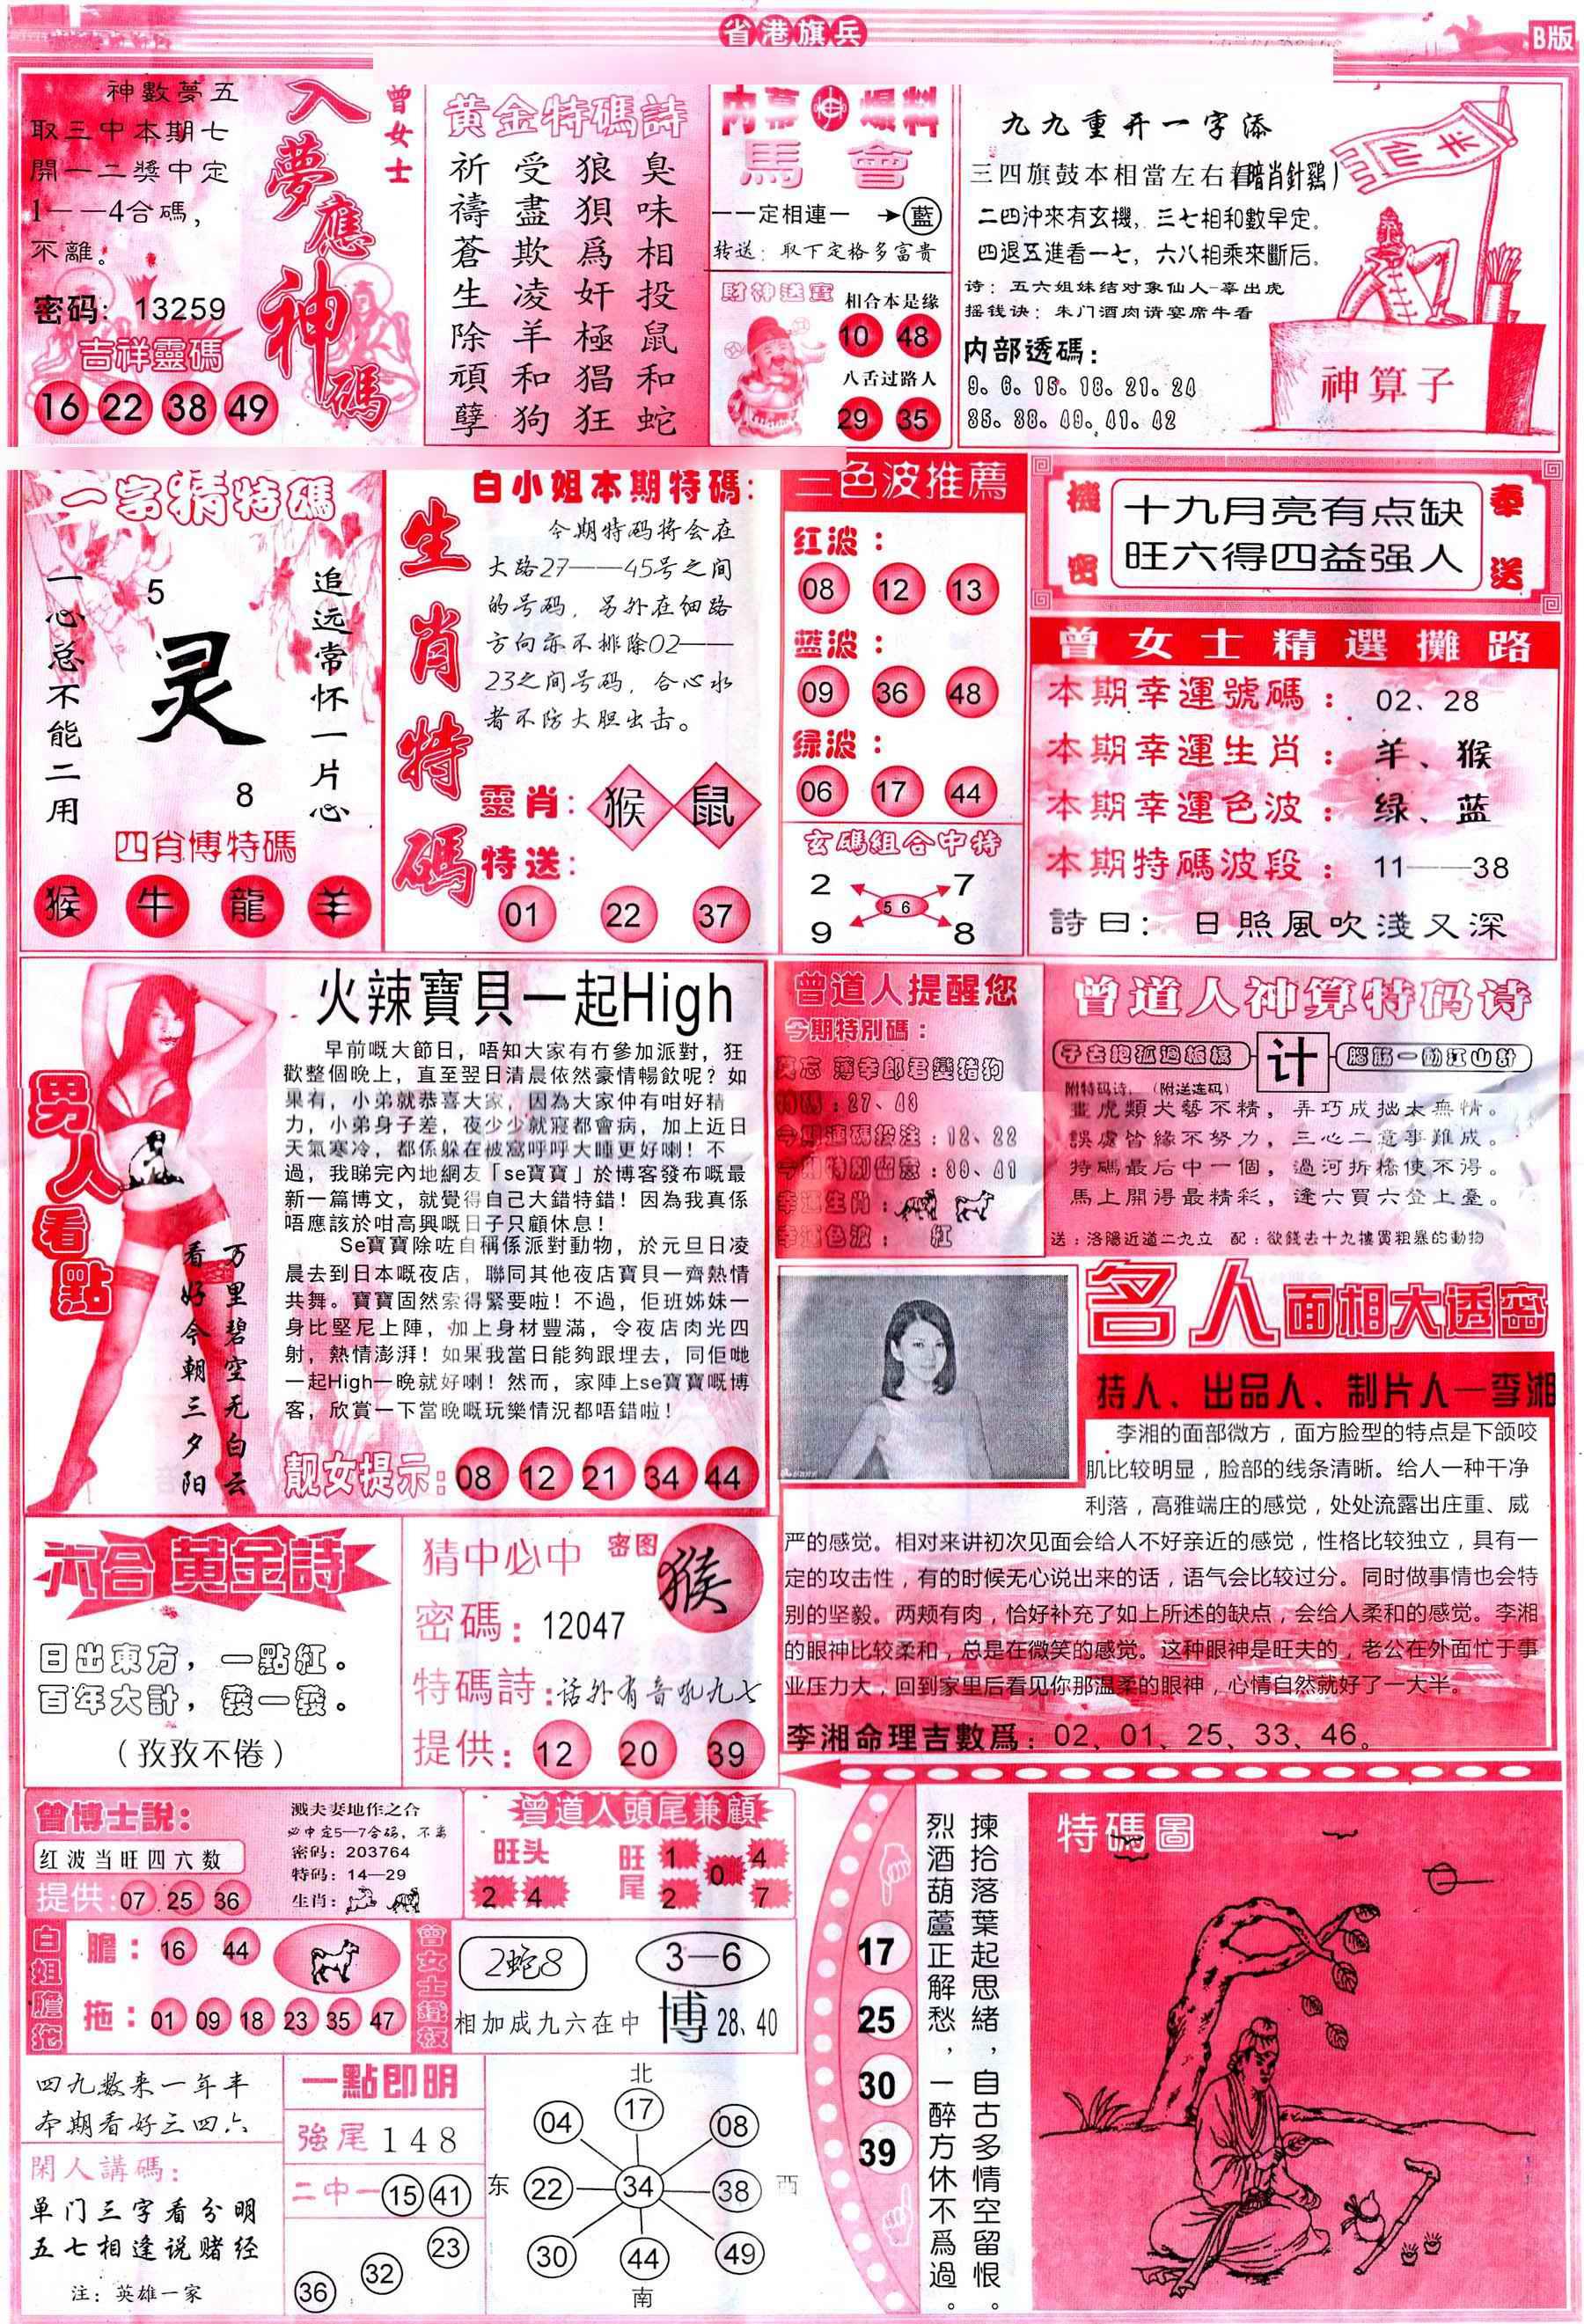 072期彩道B(保证香港版)